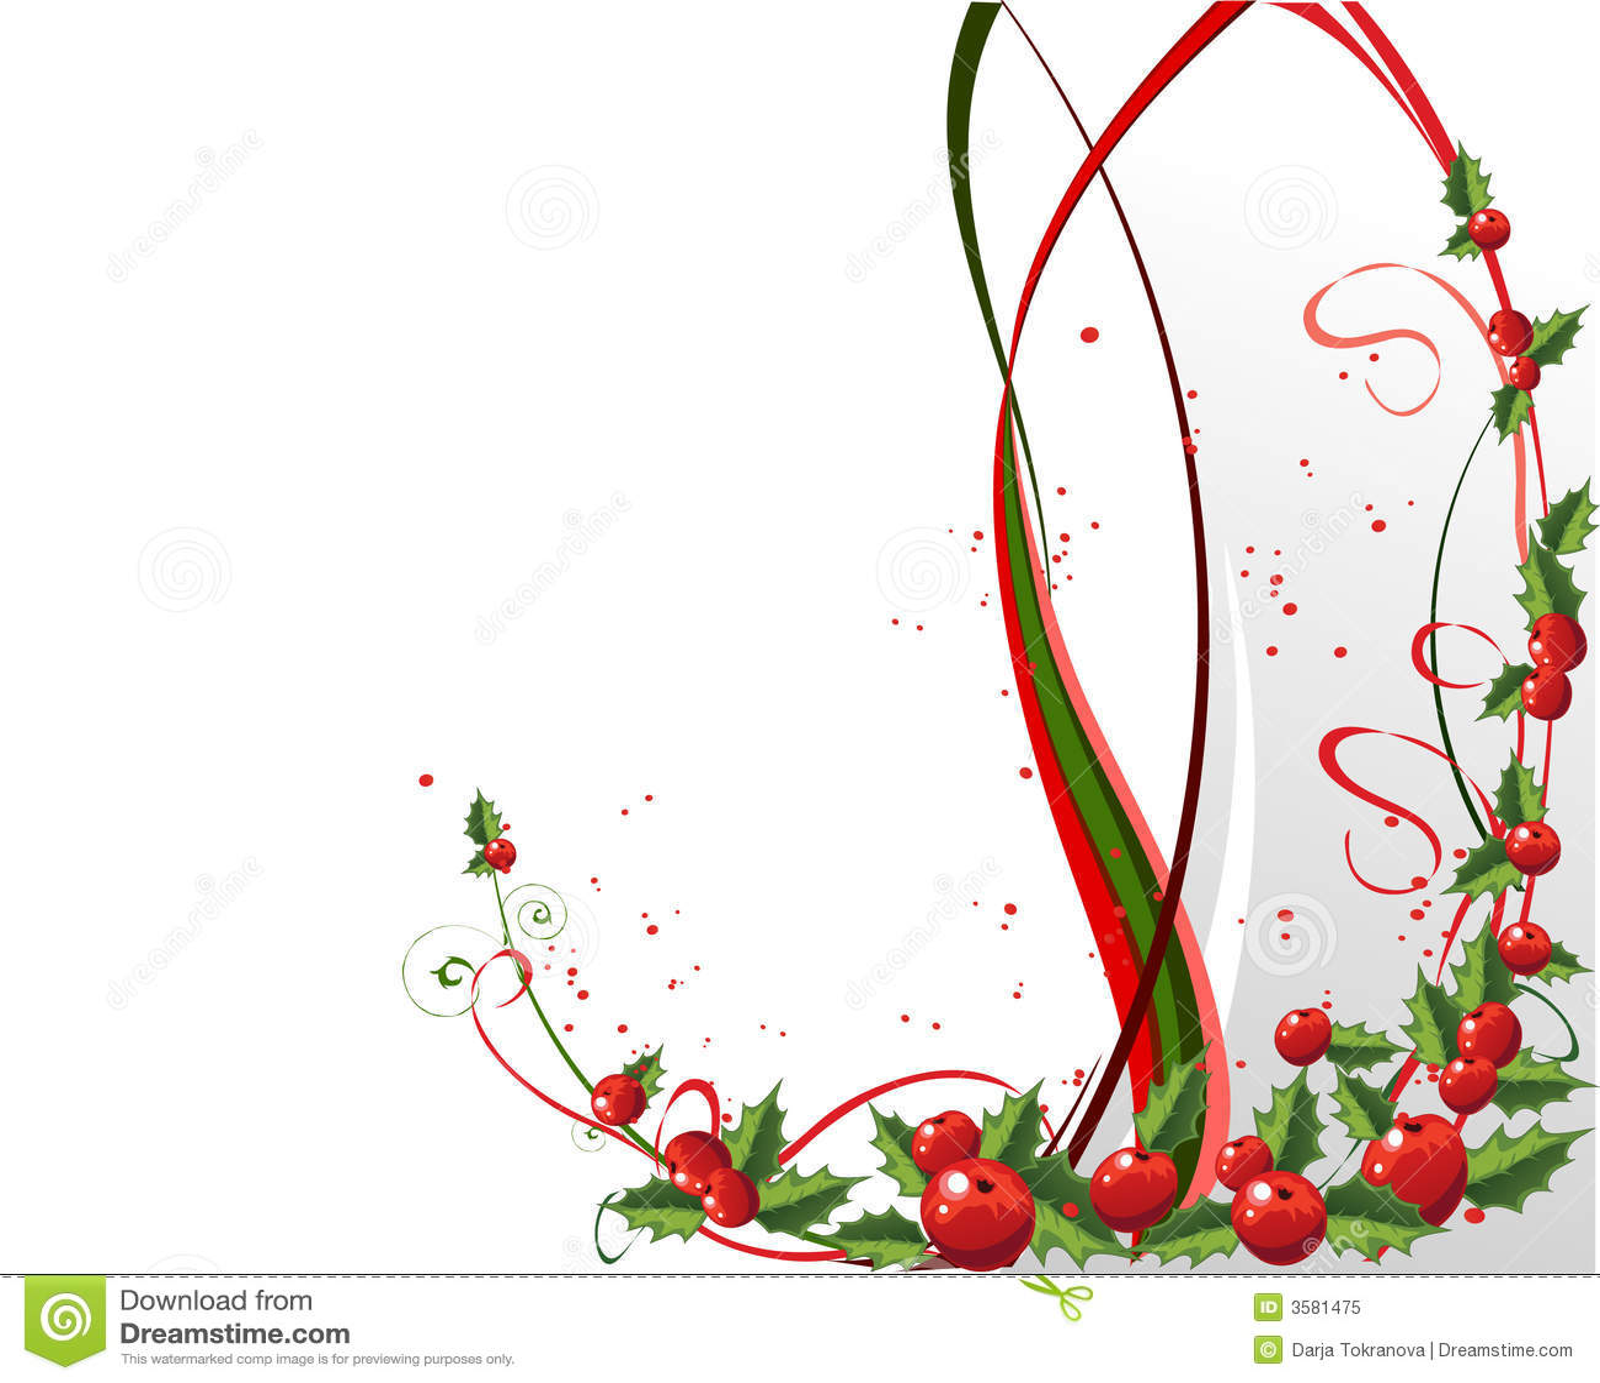 Disegno Di Natale Con Agrifoglio Illustrazione Vettoriale